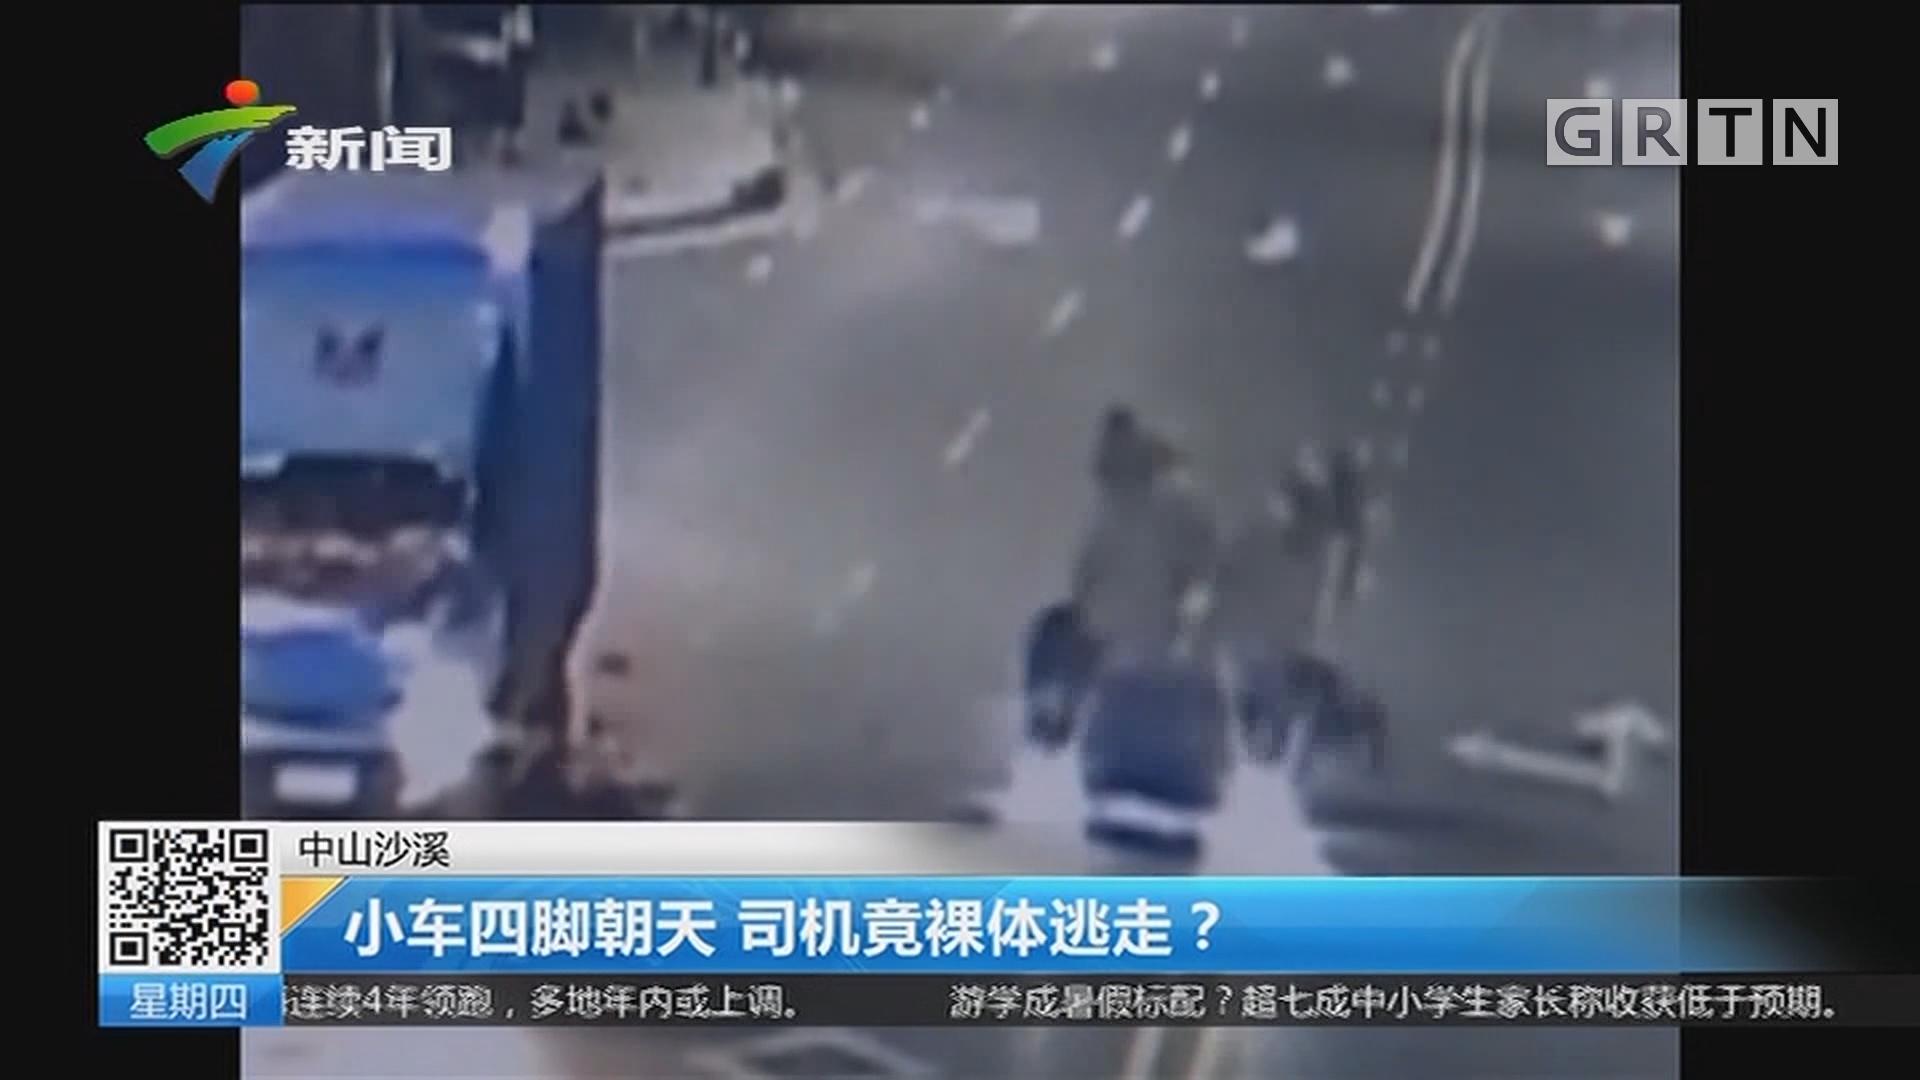 中山沙溪:小车四脚朝天 司机竟裸体逃走?